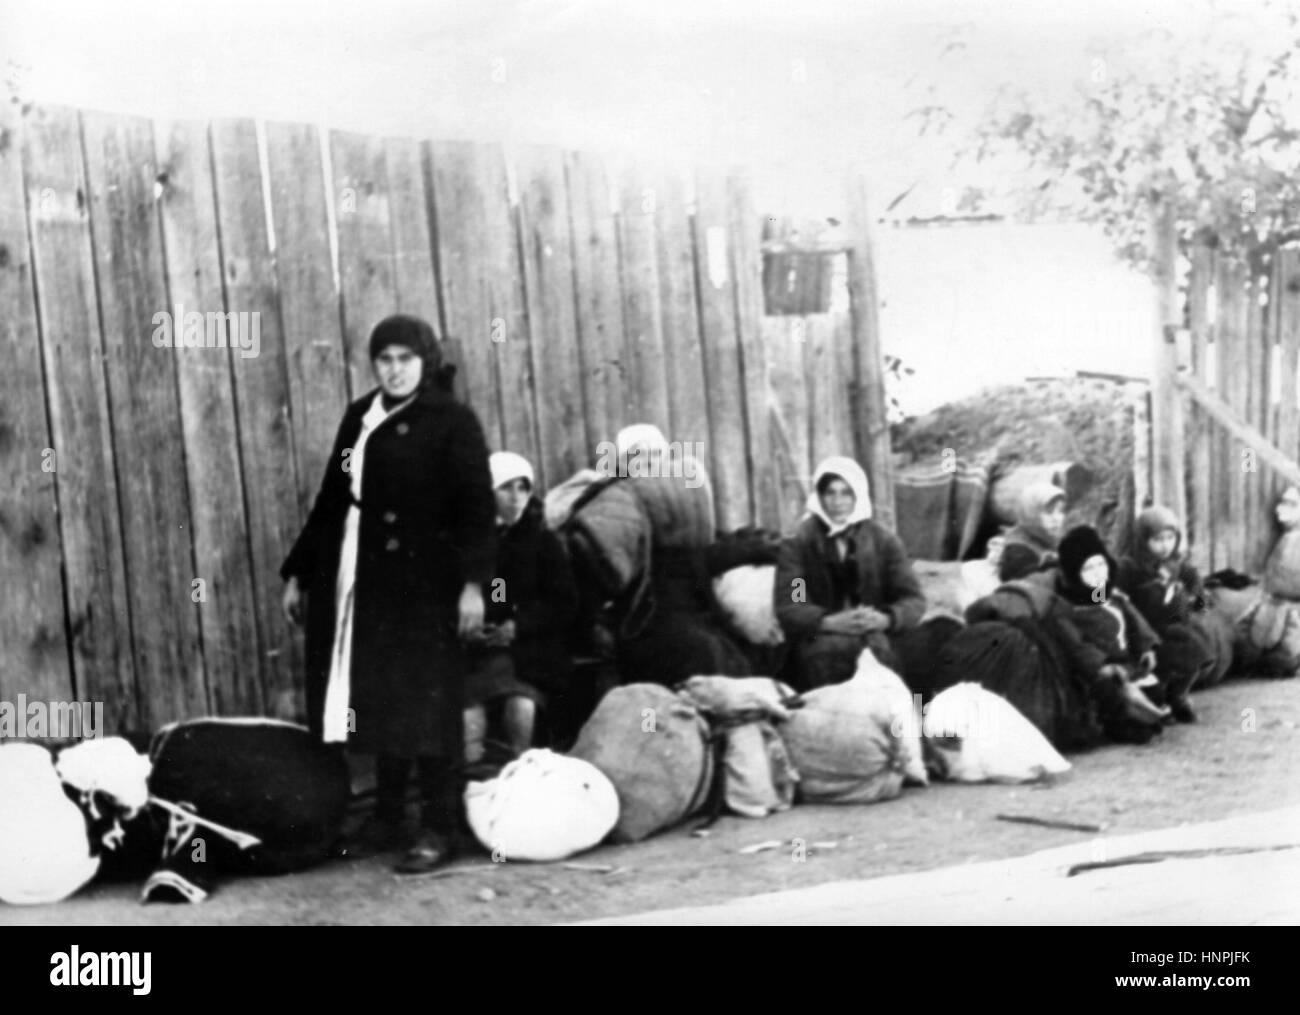 The Nazi propaganda image shows civilians in Stalingrad (today Volgograd). Taken in September 1942. A Nazi state - Stock Image